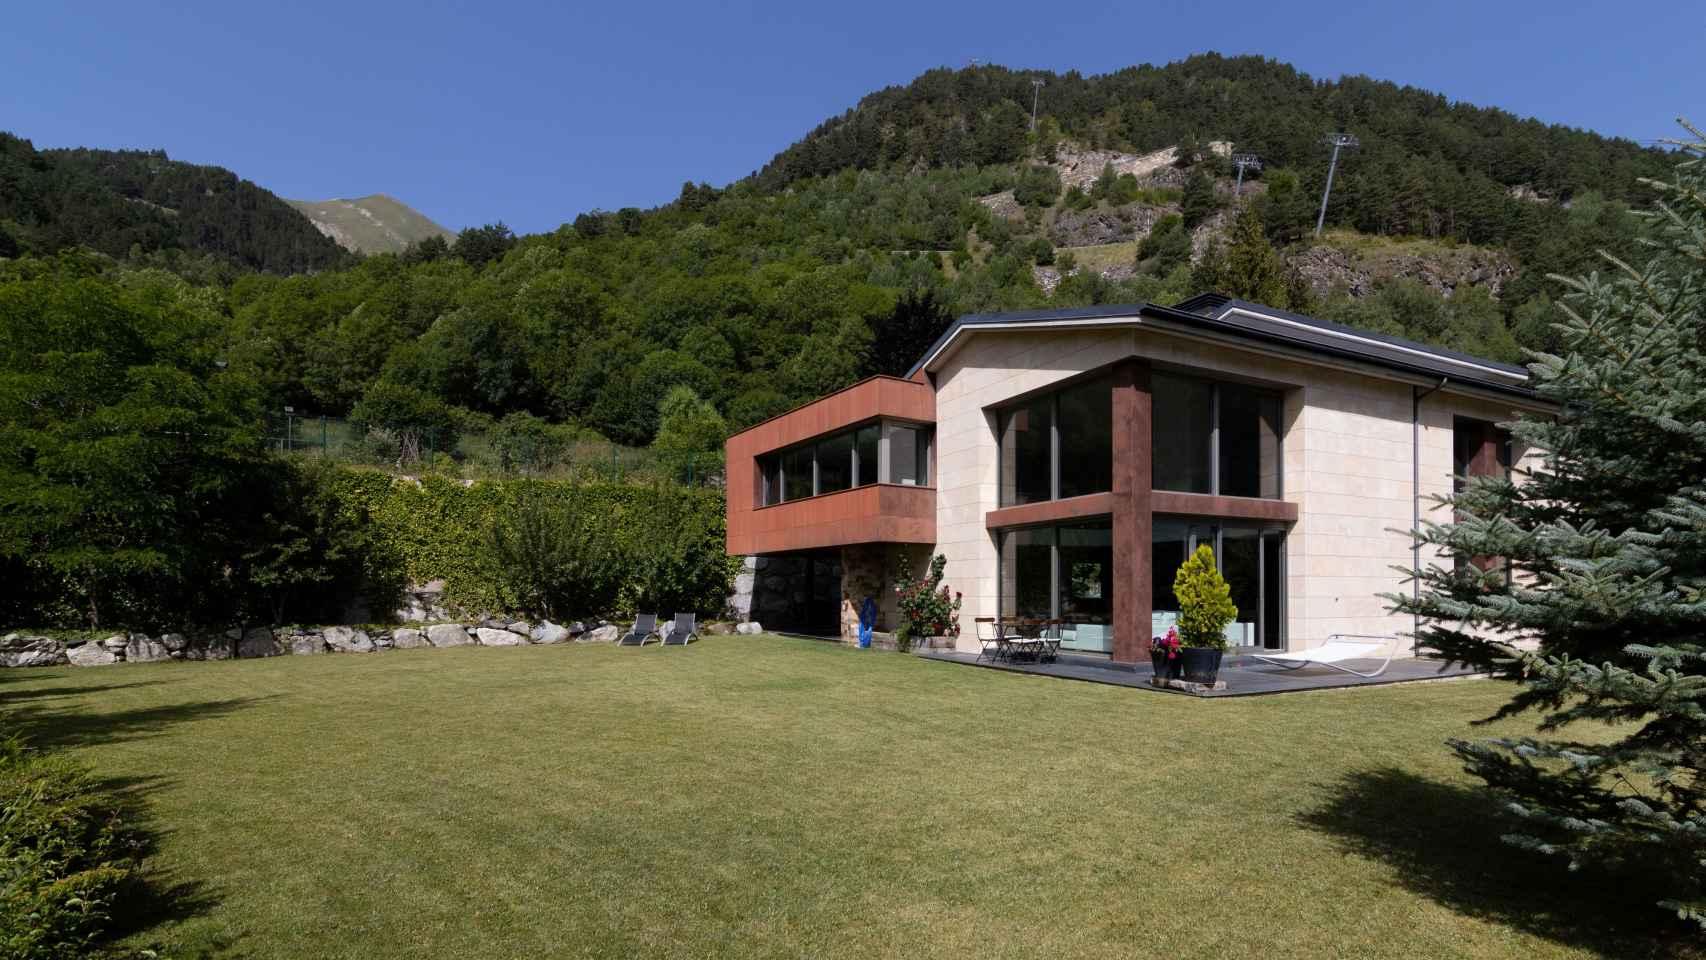 Vivienda en Andorra a la venta disponible en Engel&Völkers.